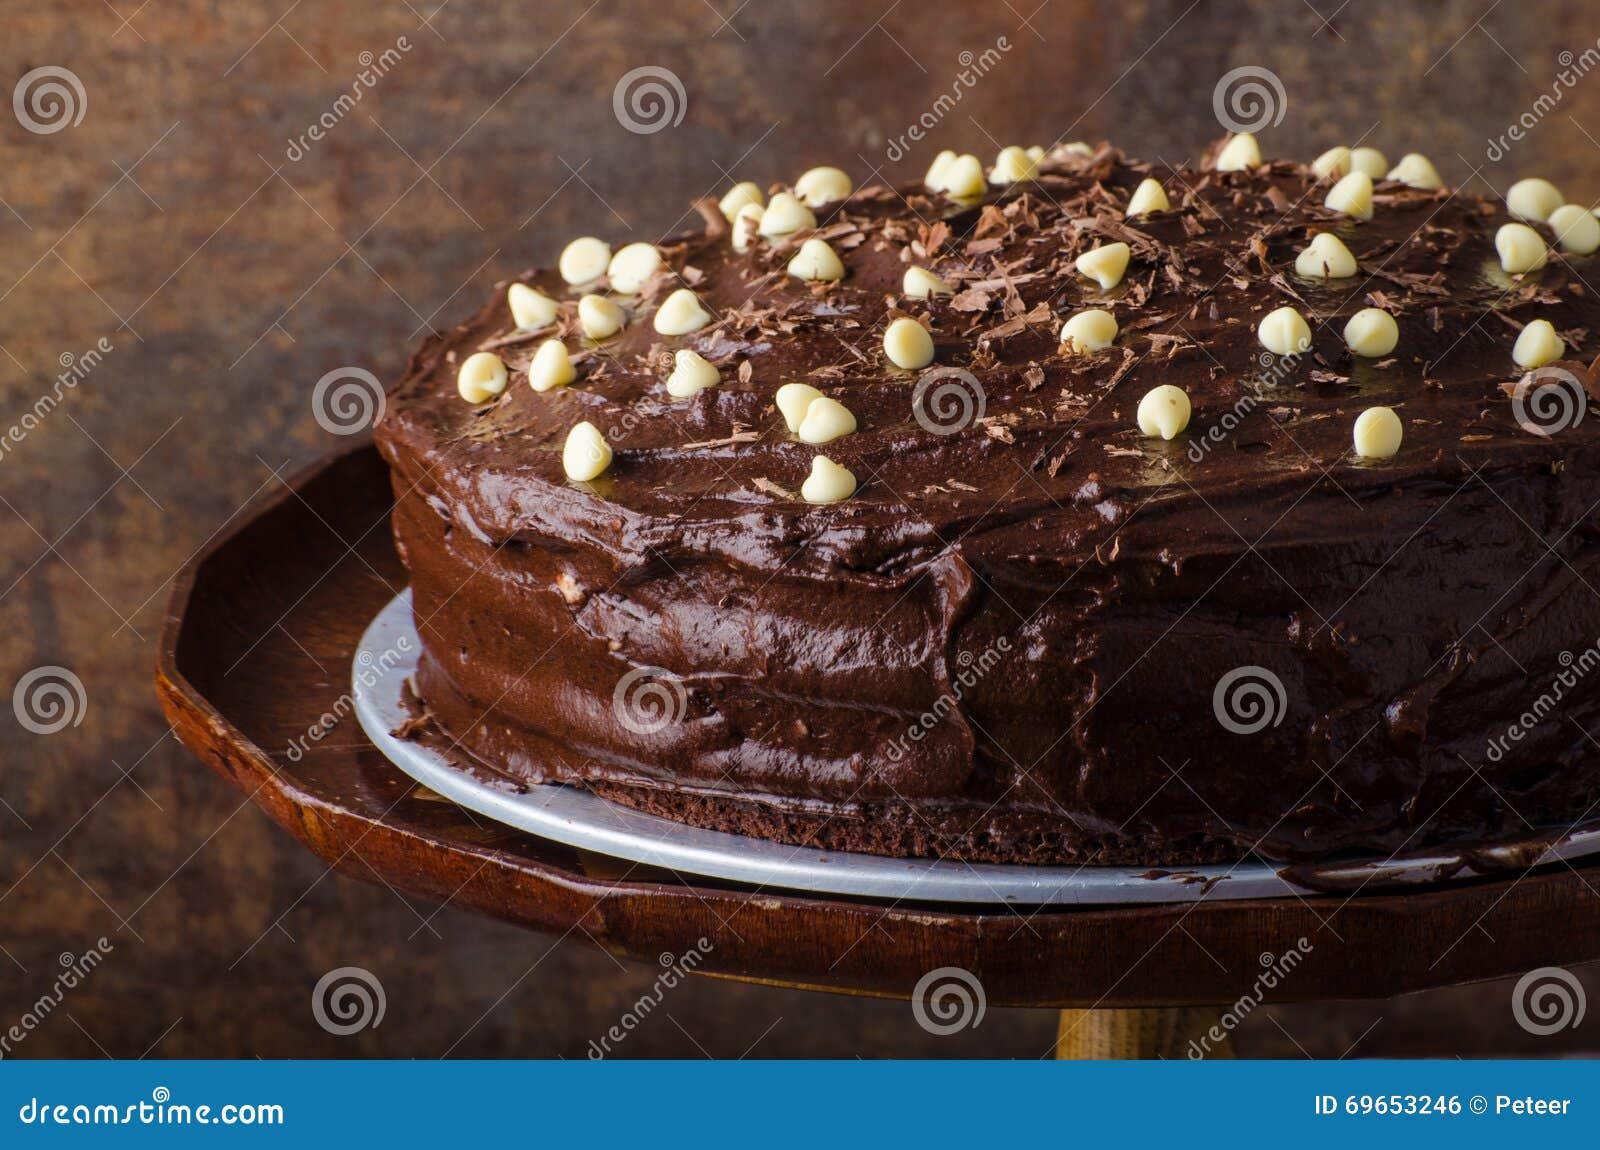 Chocolate cake three layers